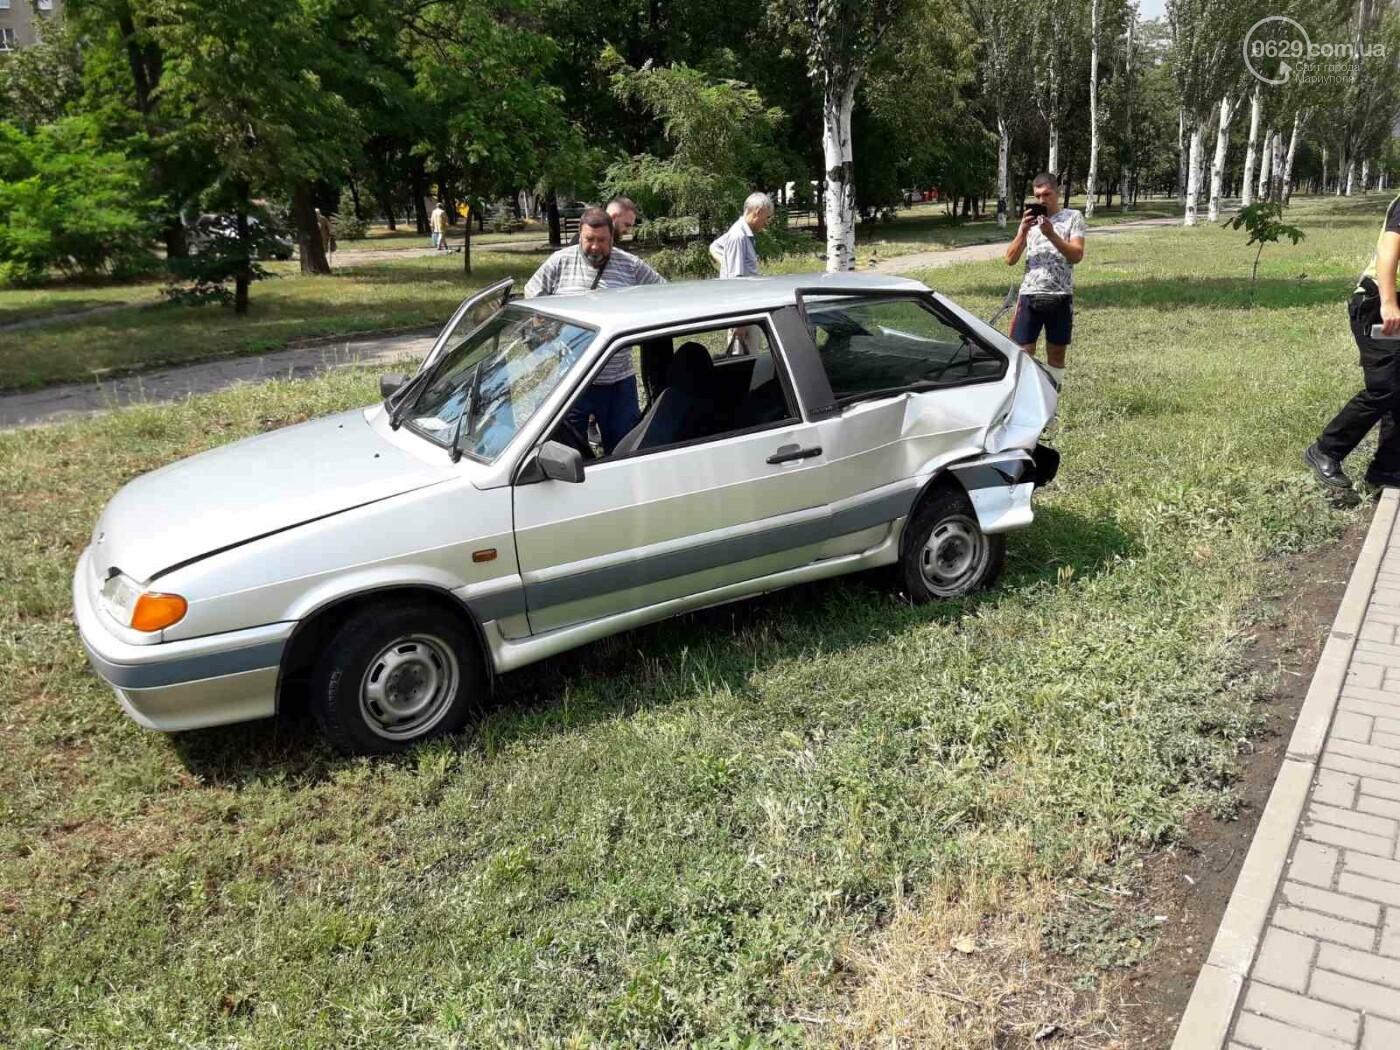 В Мариуполе Audi на полном ходу врезался в ВАЗ. Есть пострадавший, - ФОТО, фото-3